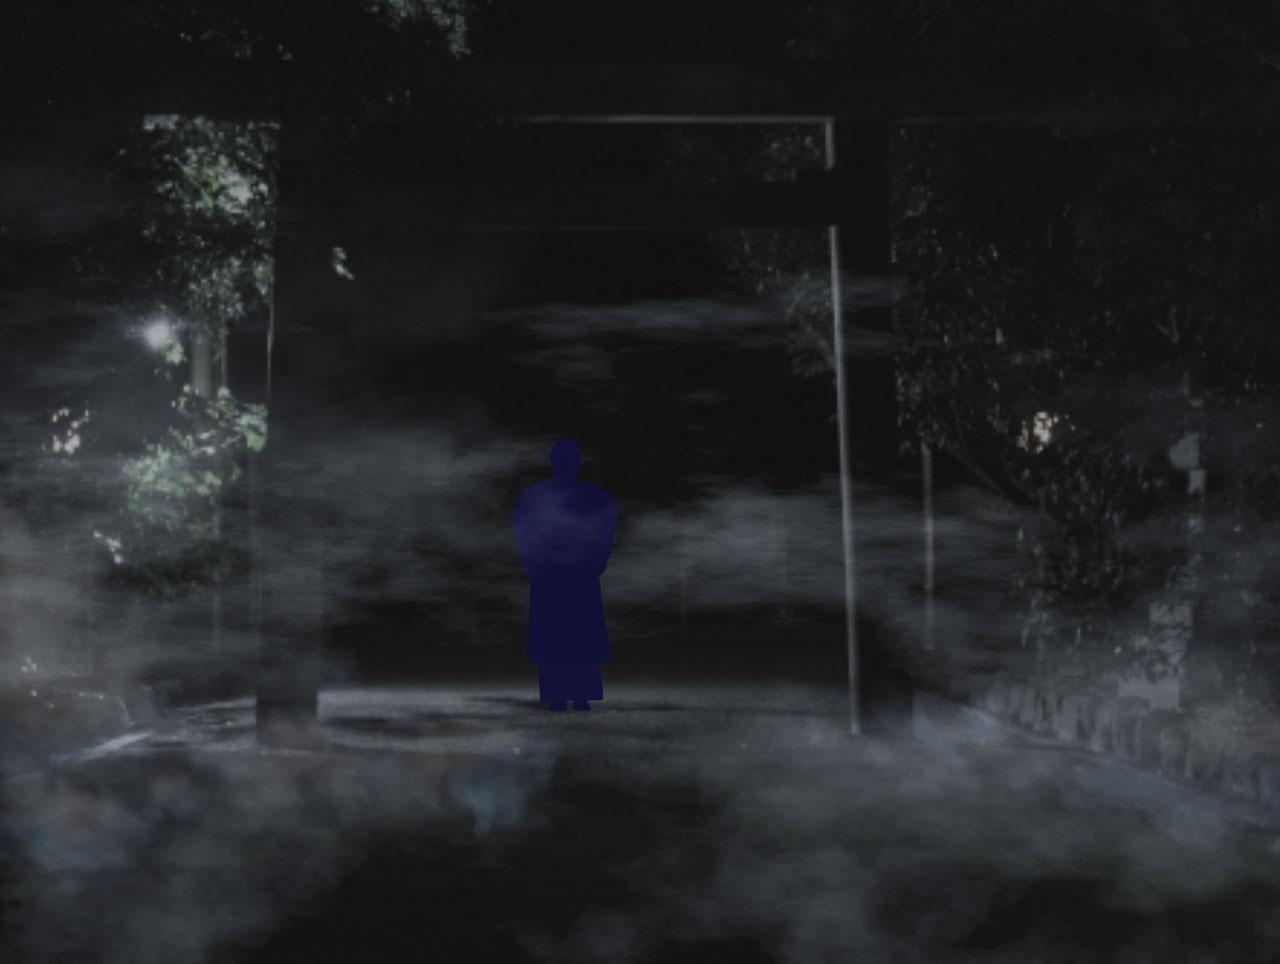 リアルお化け屋敷画像03